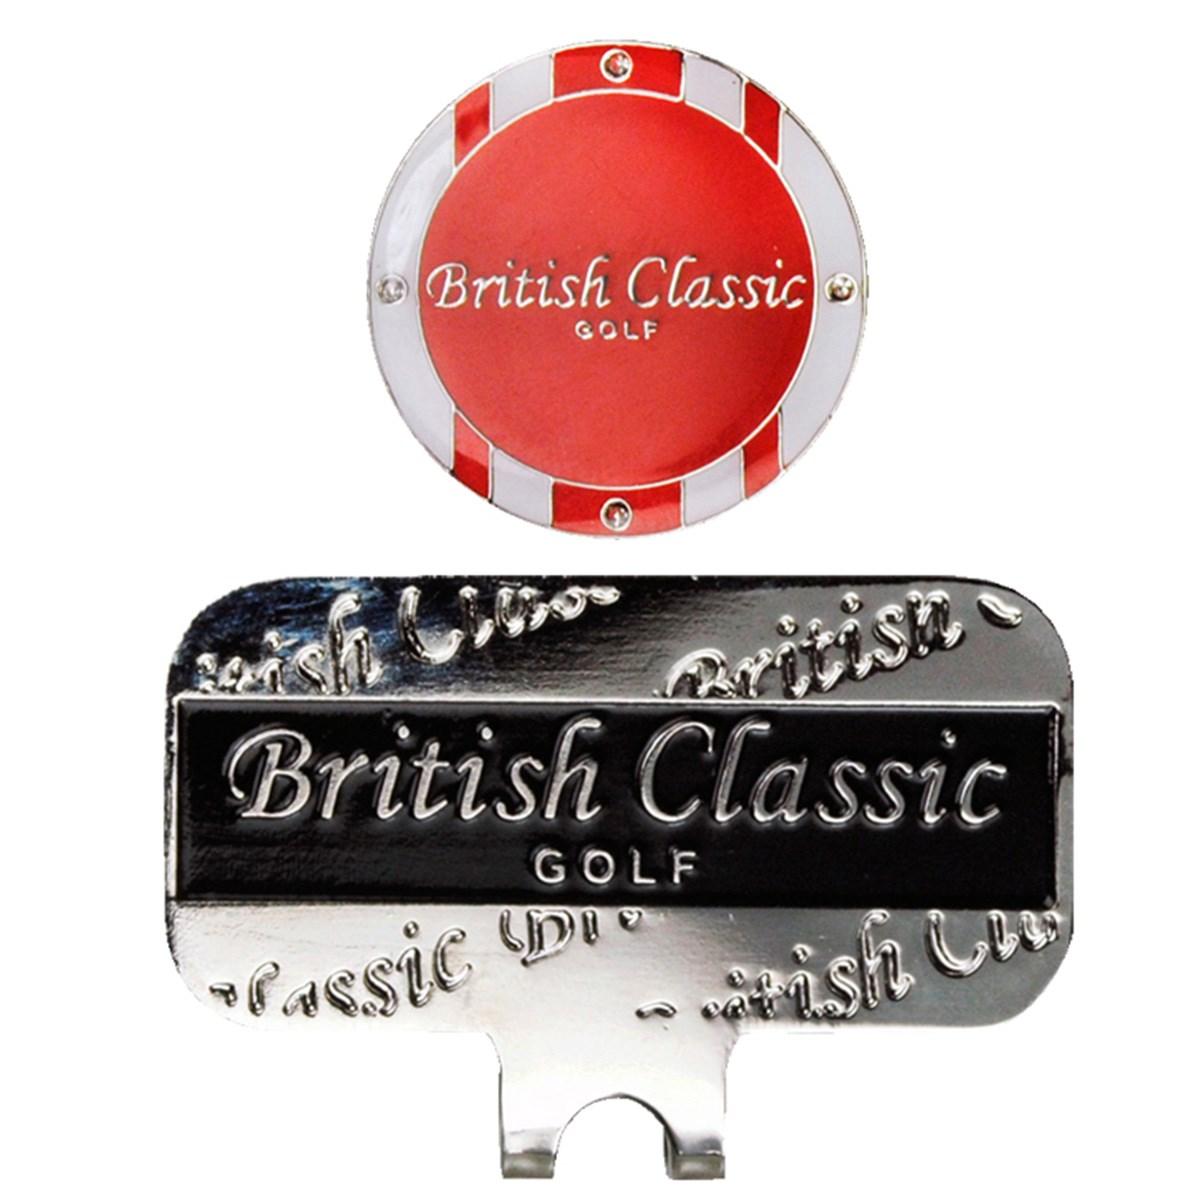 その他メーカー British Classic クリップマーカー